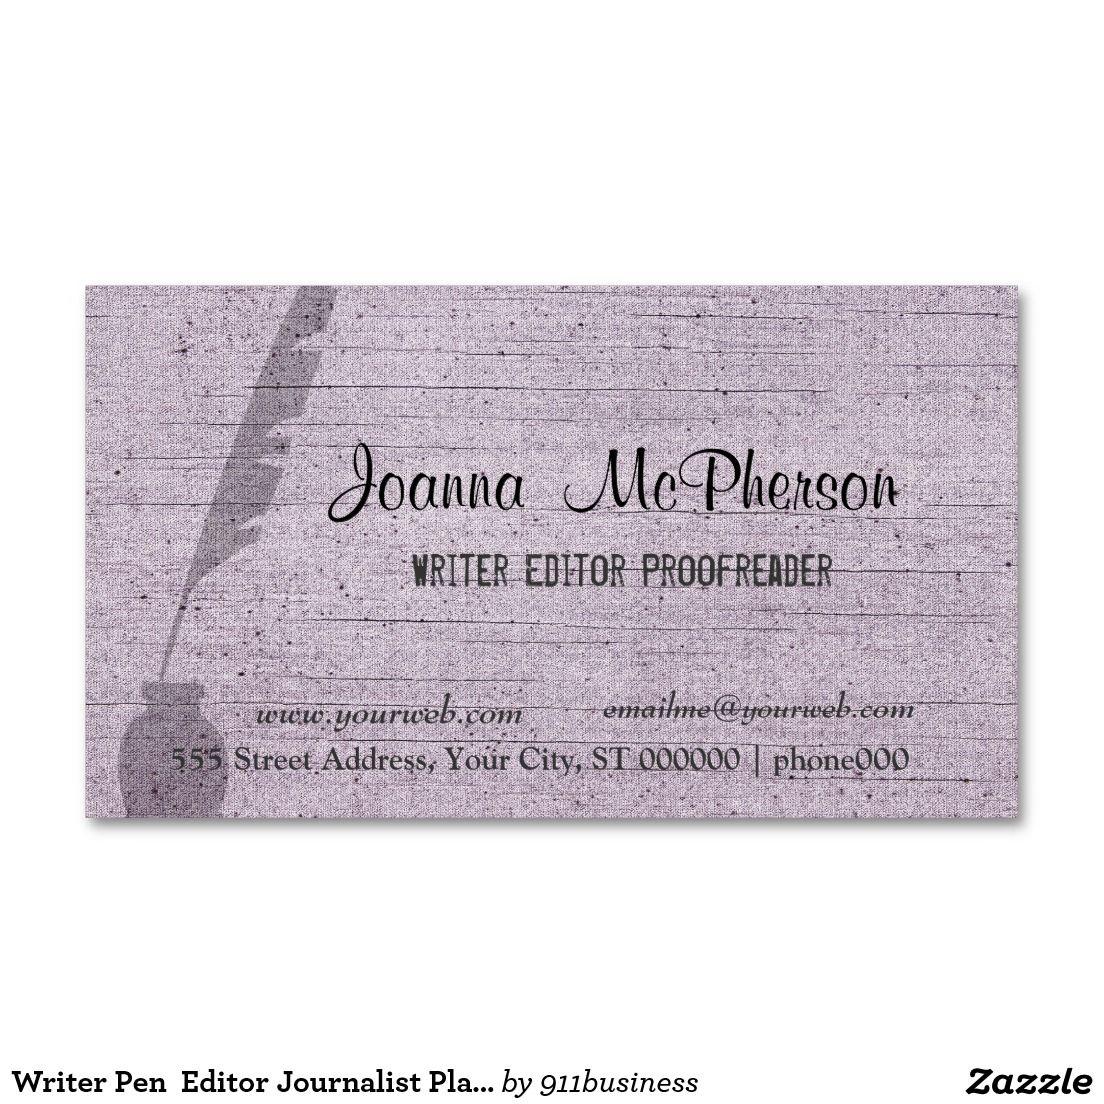 Modern Writer\'s Antique Pen Professional Business Card | Pinterest ...